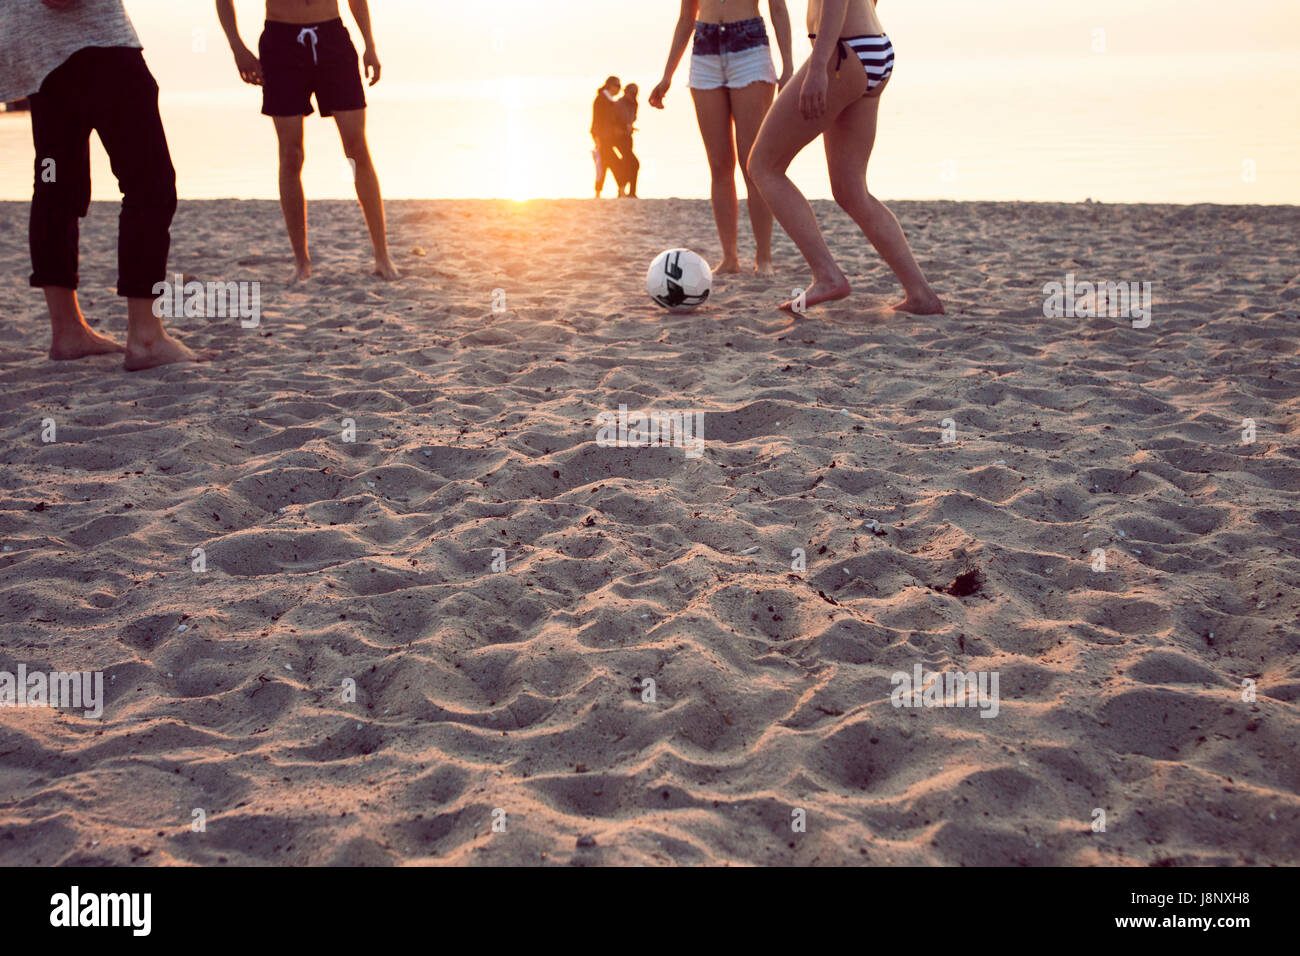 Los hombres jóvenes, joven y adolescente (16-17) jugando al fútbol sobre la arena al atardecer Foto de stock